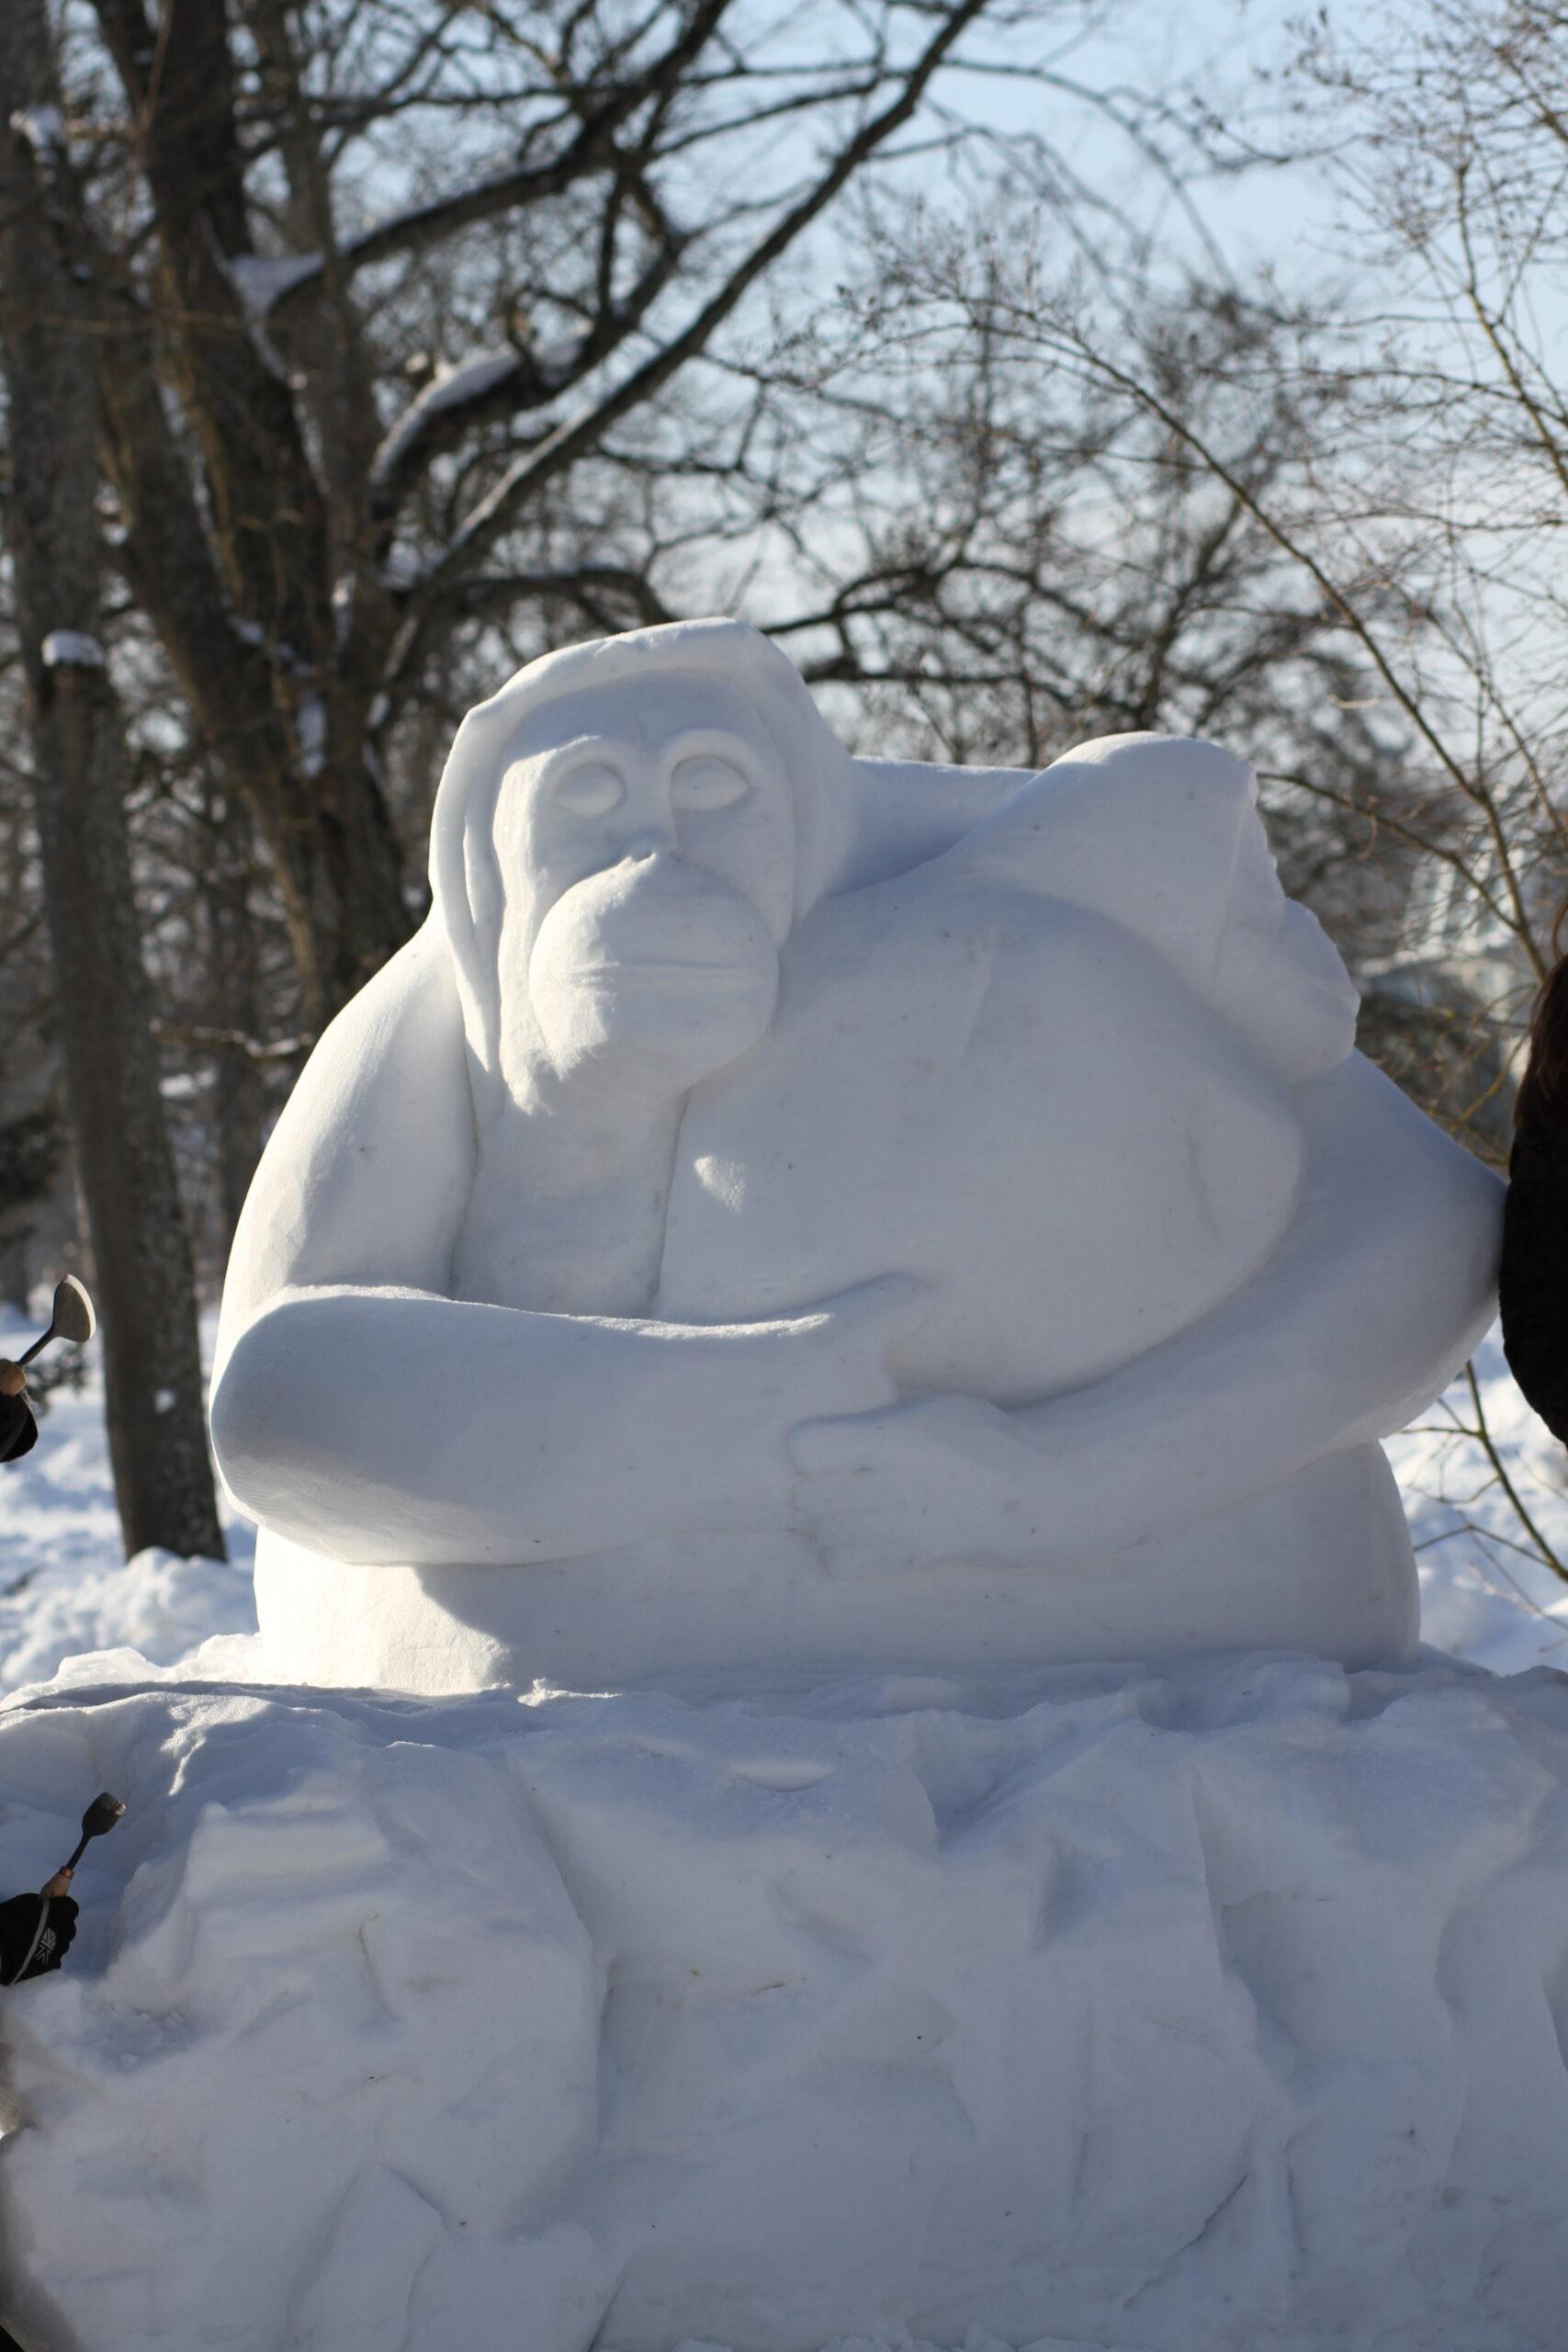 sniego skulptūra